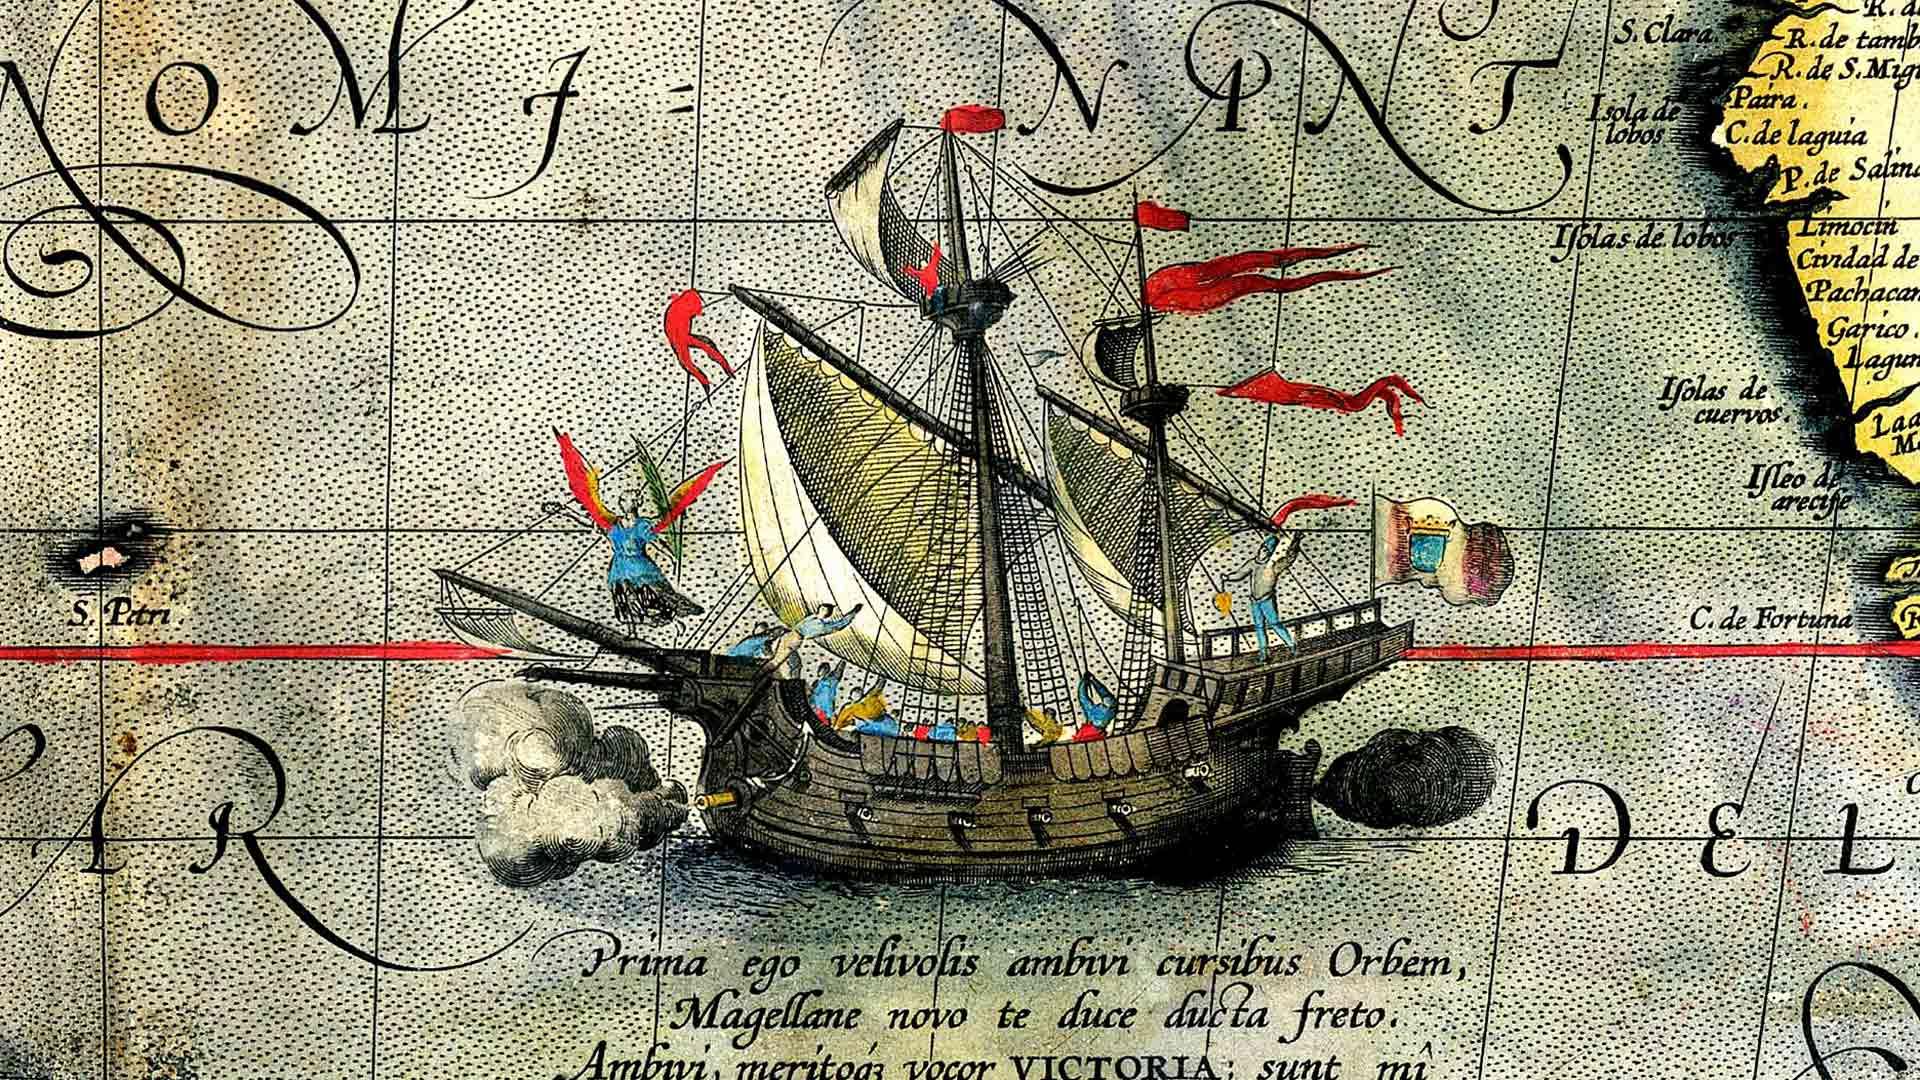 Victoria oli ainoa Sevillaan palannut Magalhãesin kaljuuna, josta tuli samalla ensimmäinen maailman ympäri purjehtinut alus. Sevillaan sen ohjasi kapteeni Juan Sebastian Elcano.